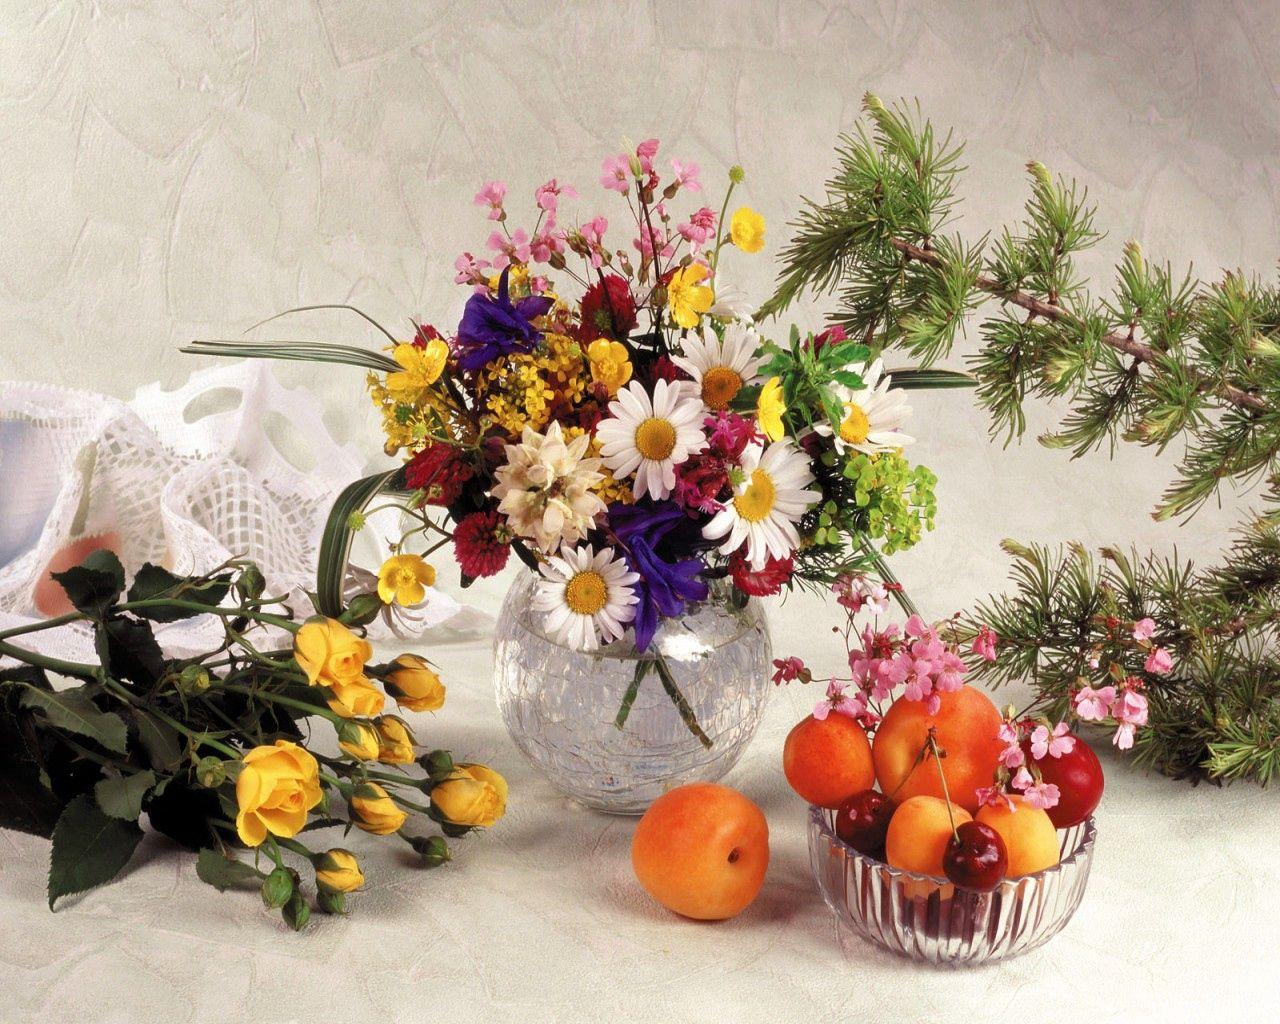 126183 télécharger le fond d'écran Fleurs, Camomille, Domaine, Champ, Vase, Still Life, Fruits, Roses, Bouquets - économiseurs d'écran et images gratuitement